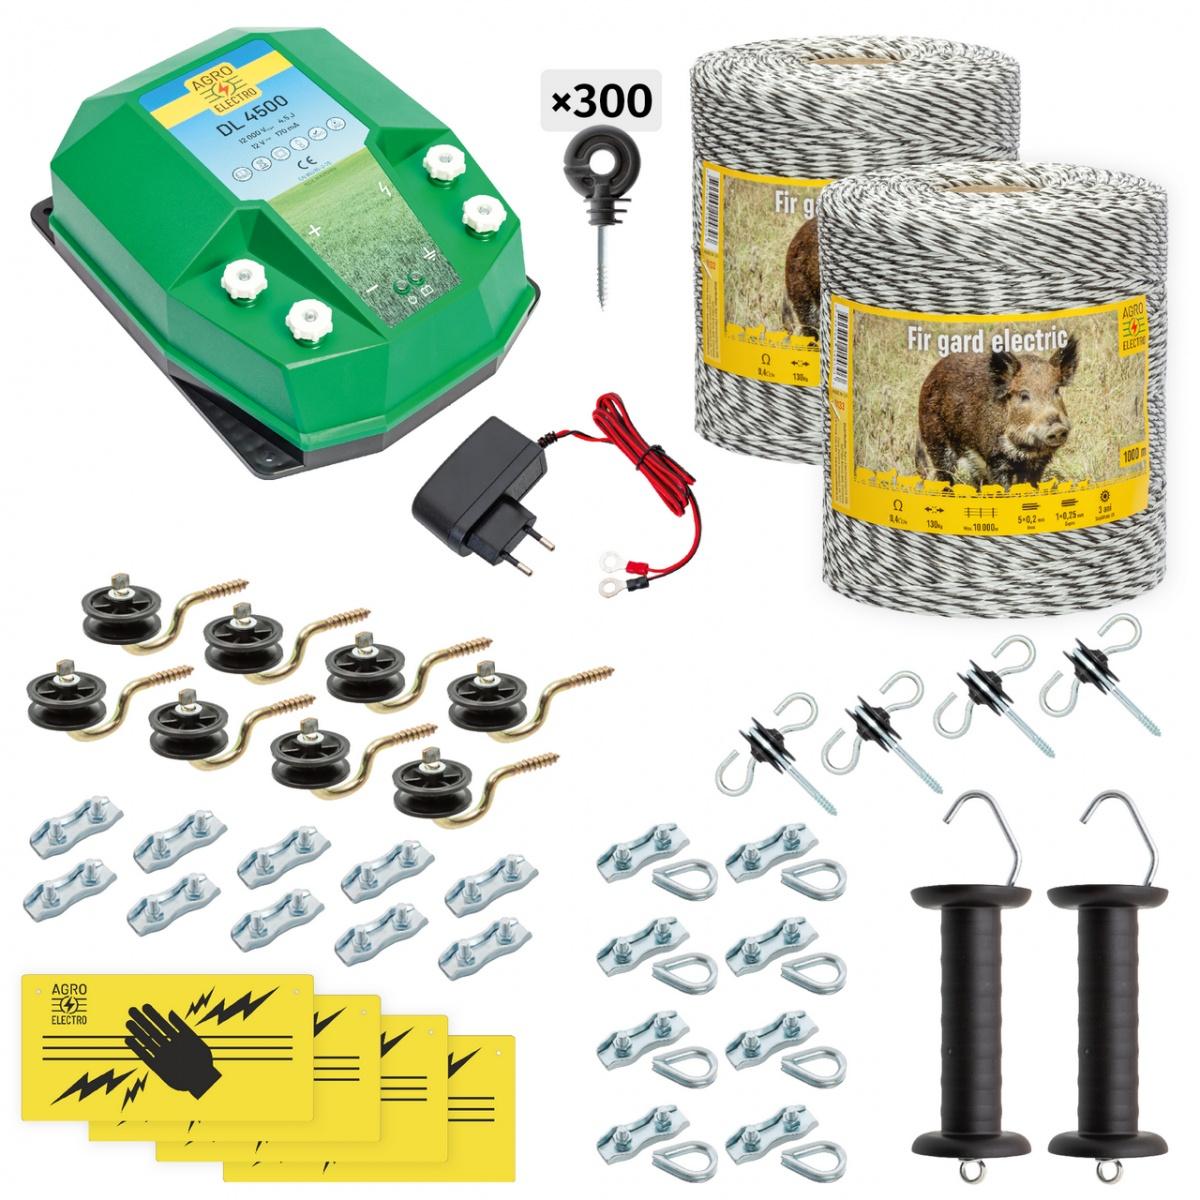 Teljes villanypásztor csomag vadállatoknak, 2000m, 4,5Joule, 230V